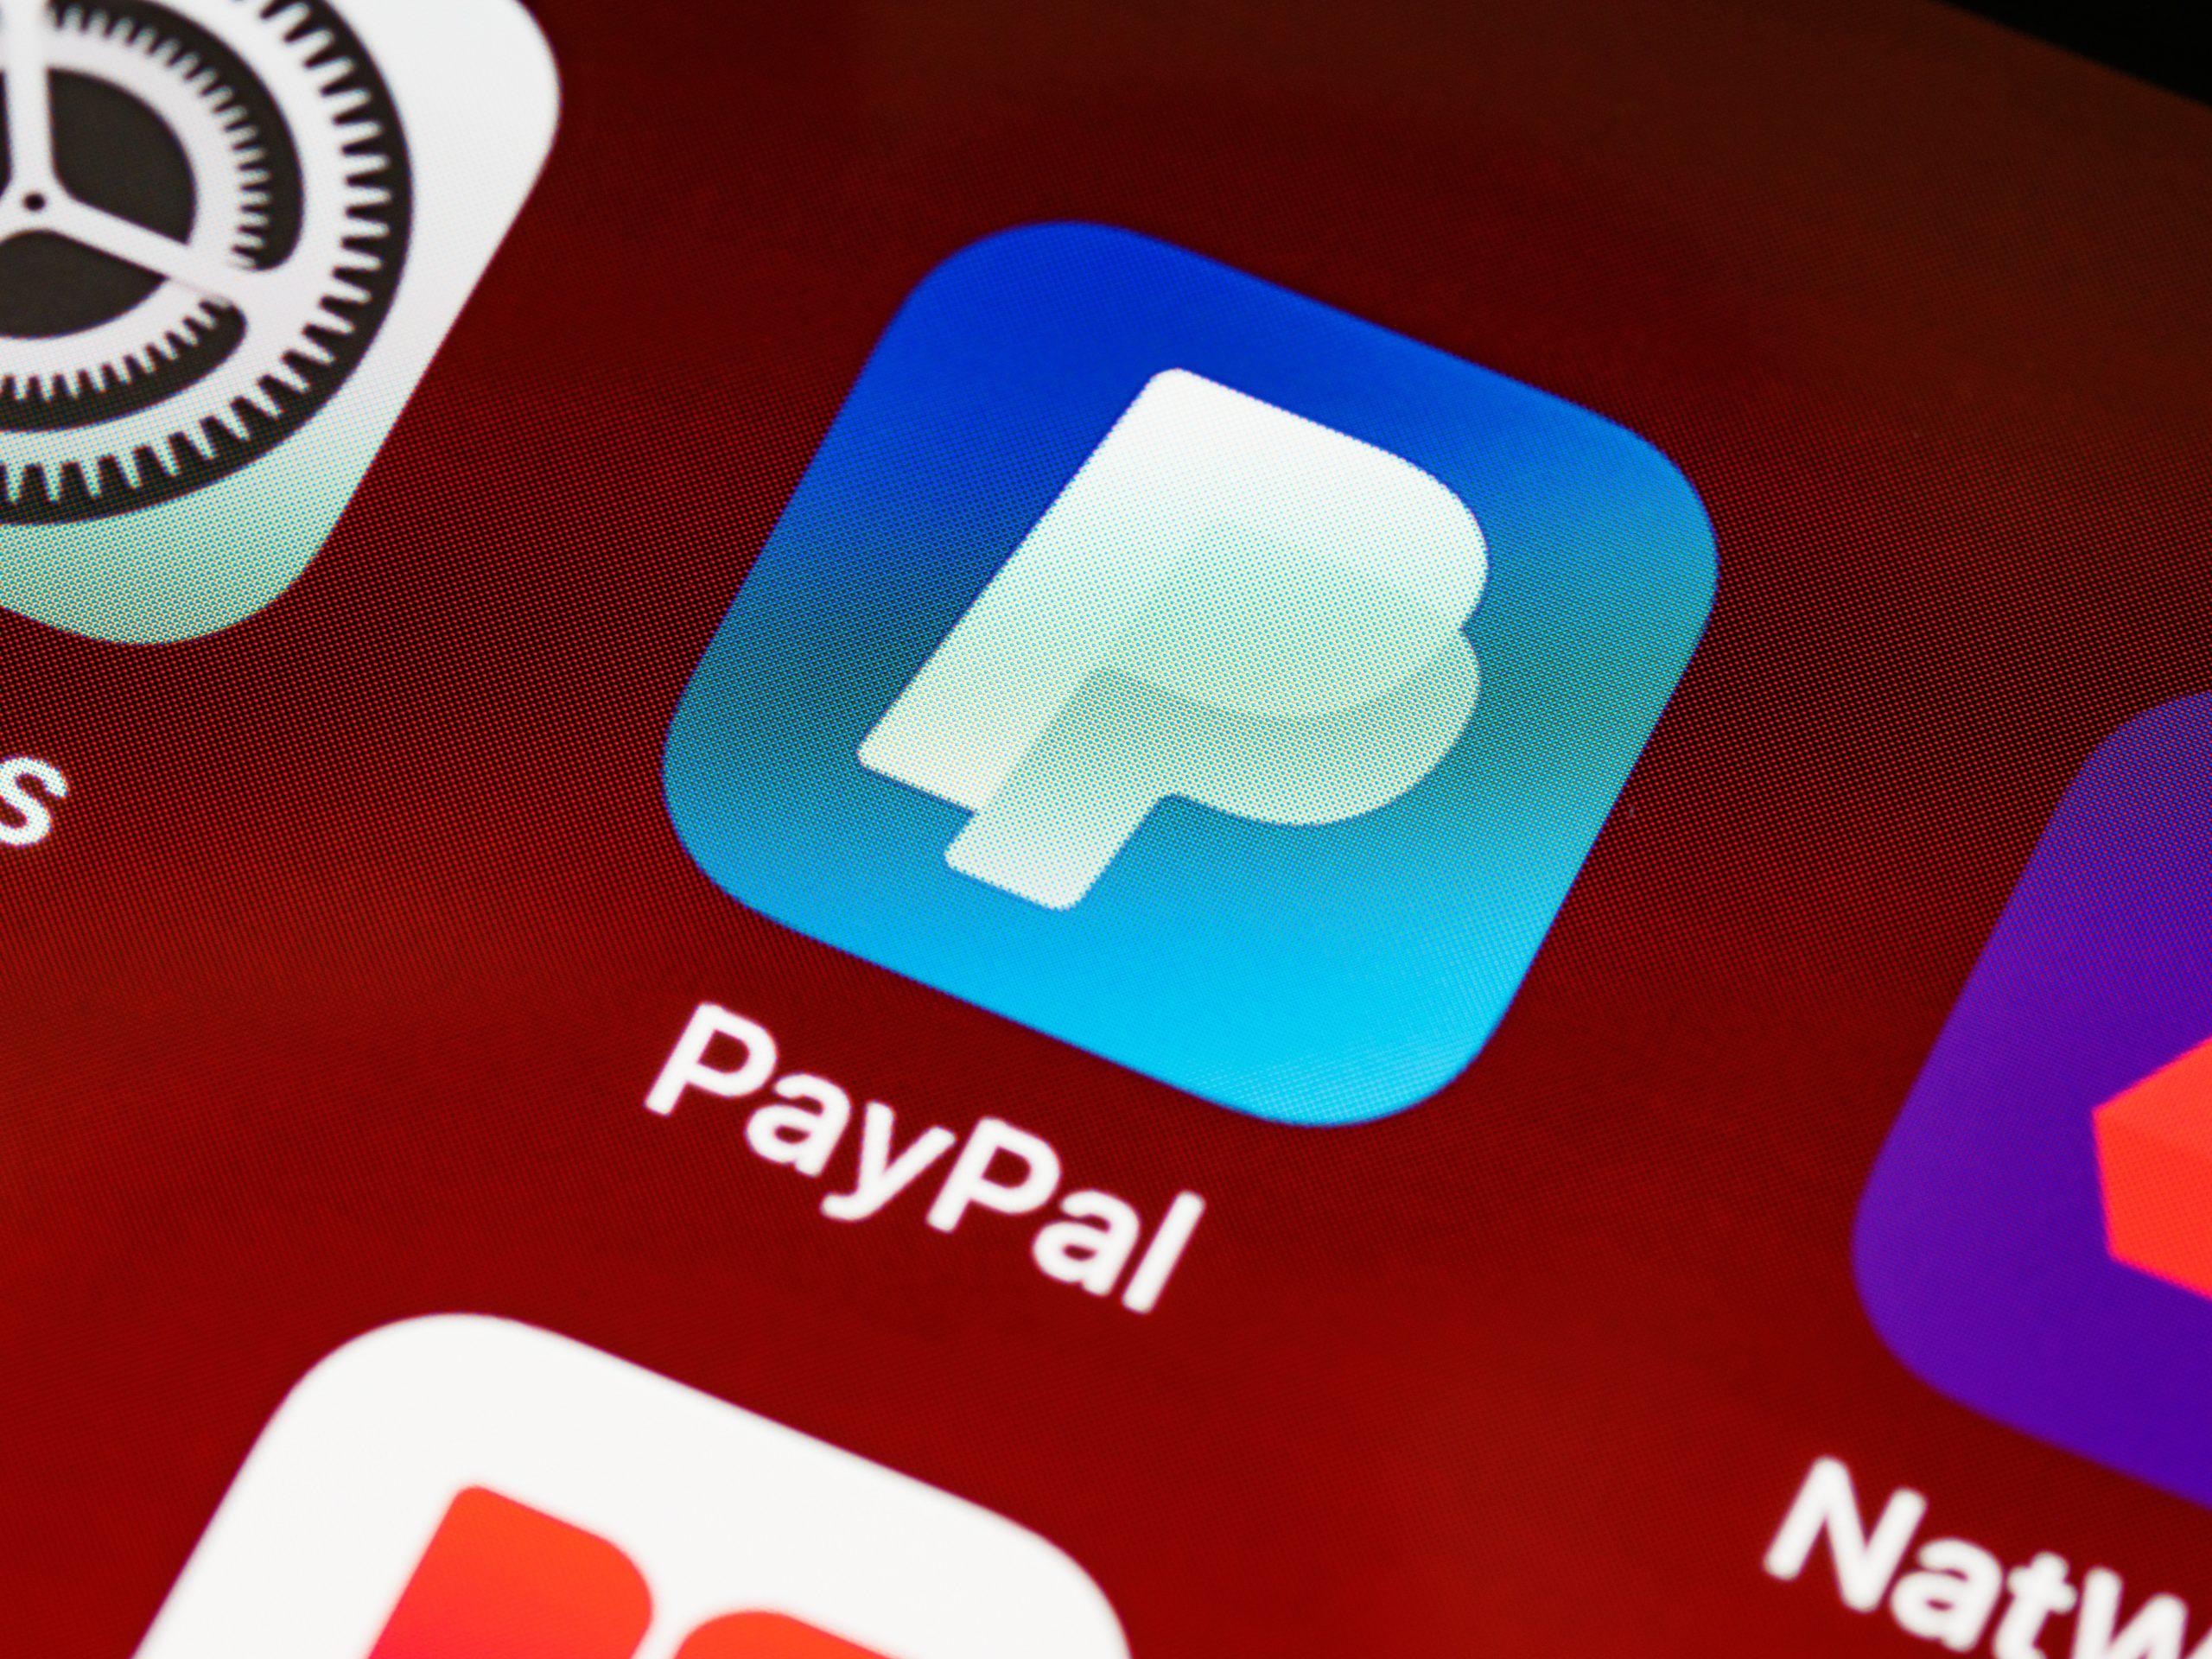 PayPal начнет торговать акциями. Компанию вдохновил успех Robinhood, которого похоже ждут неприятности